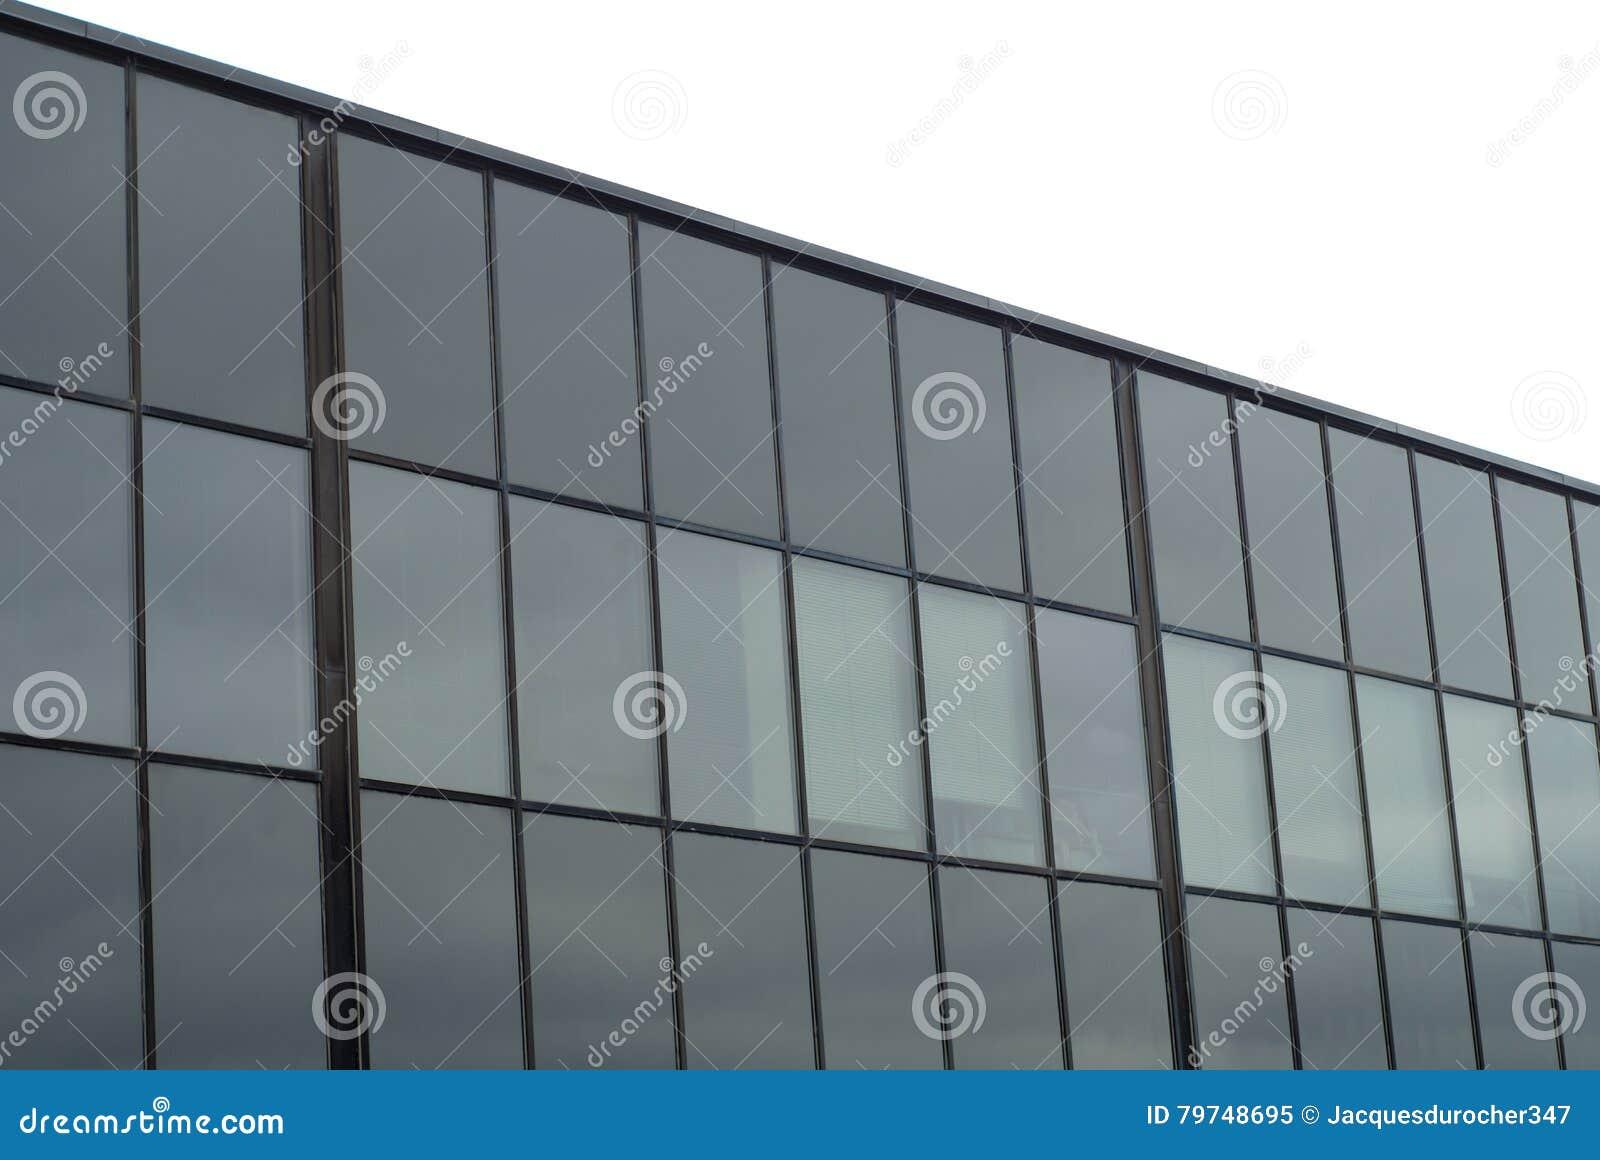 Ventanas de cristal que construyen la fachada comercial de la oficina